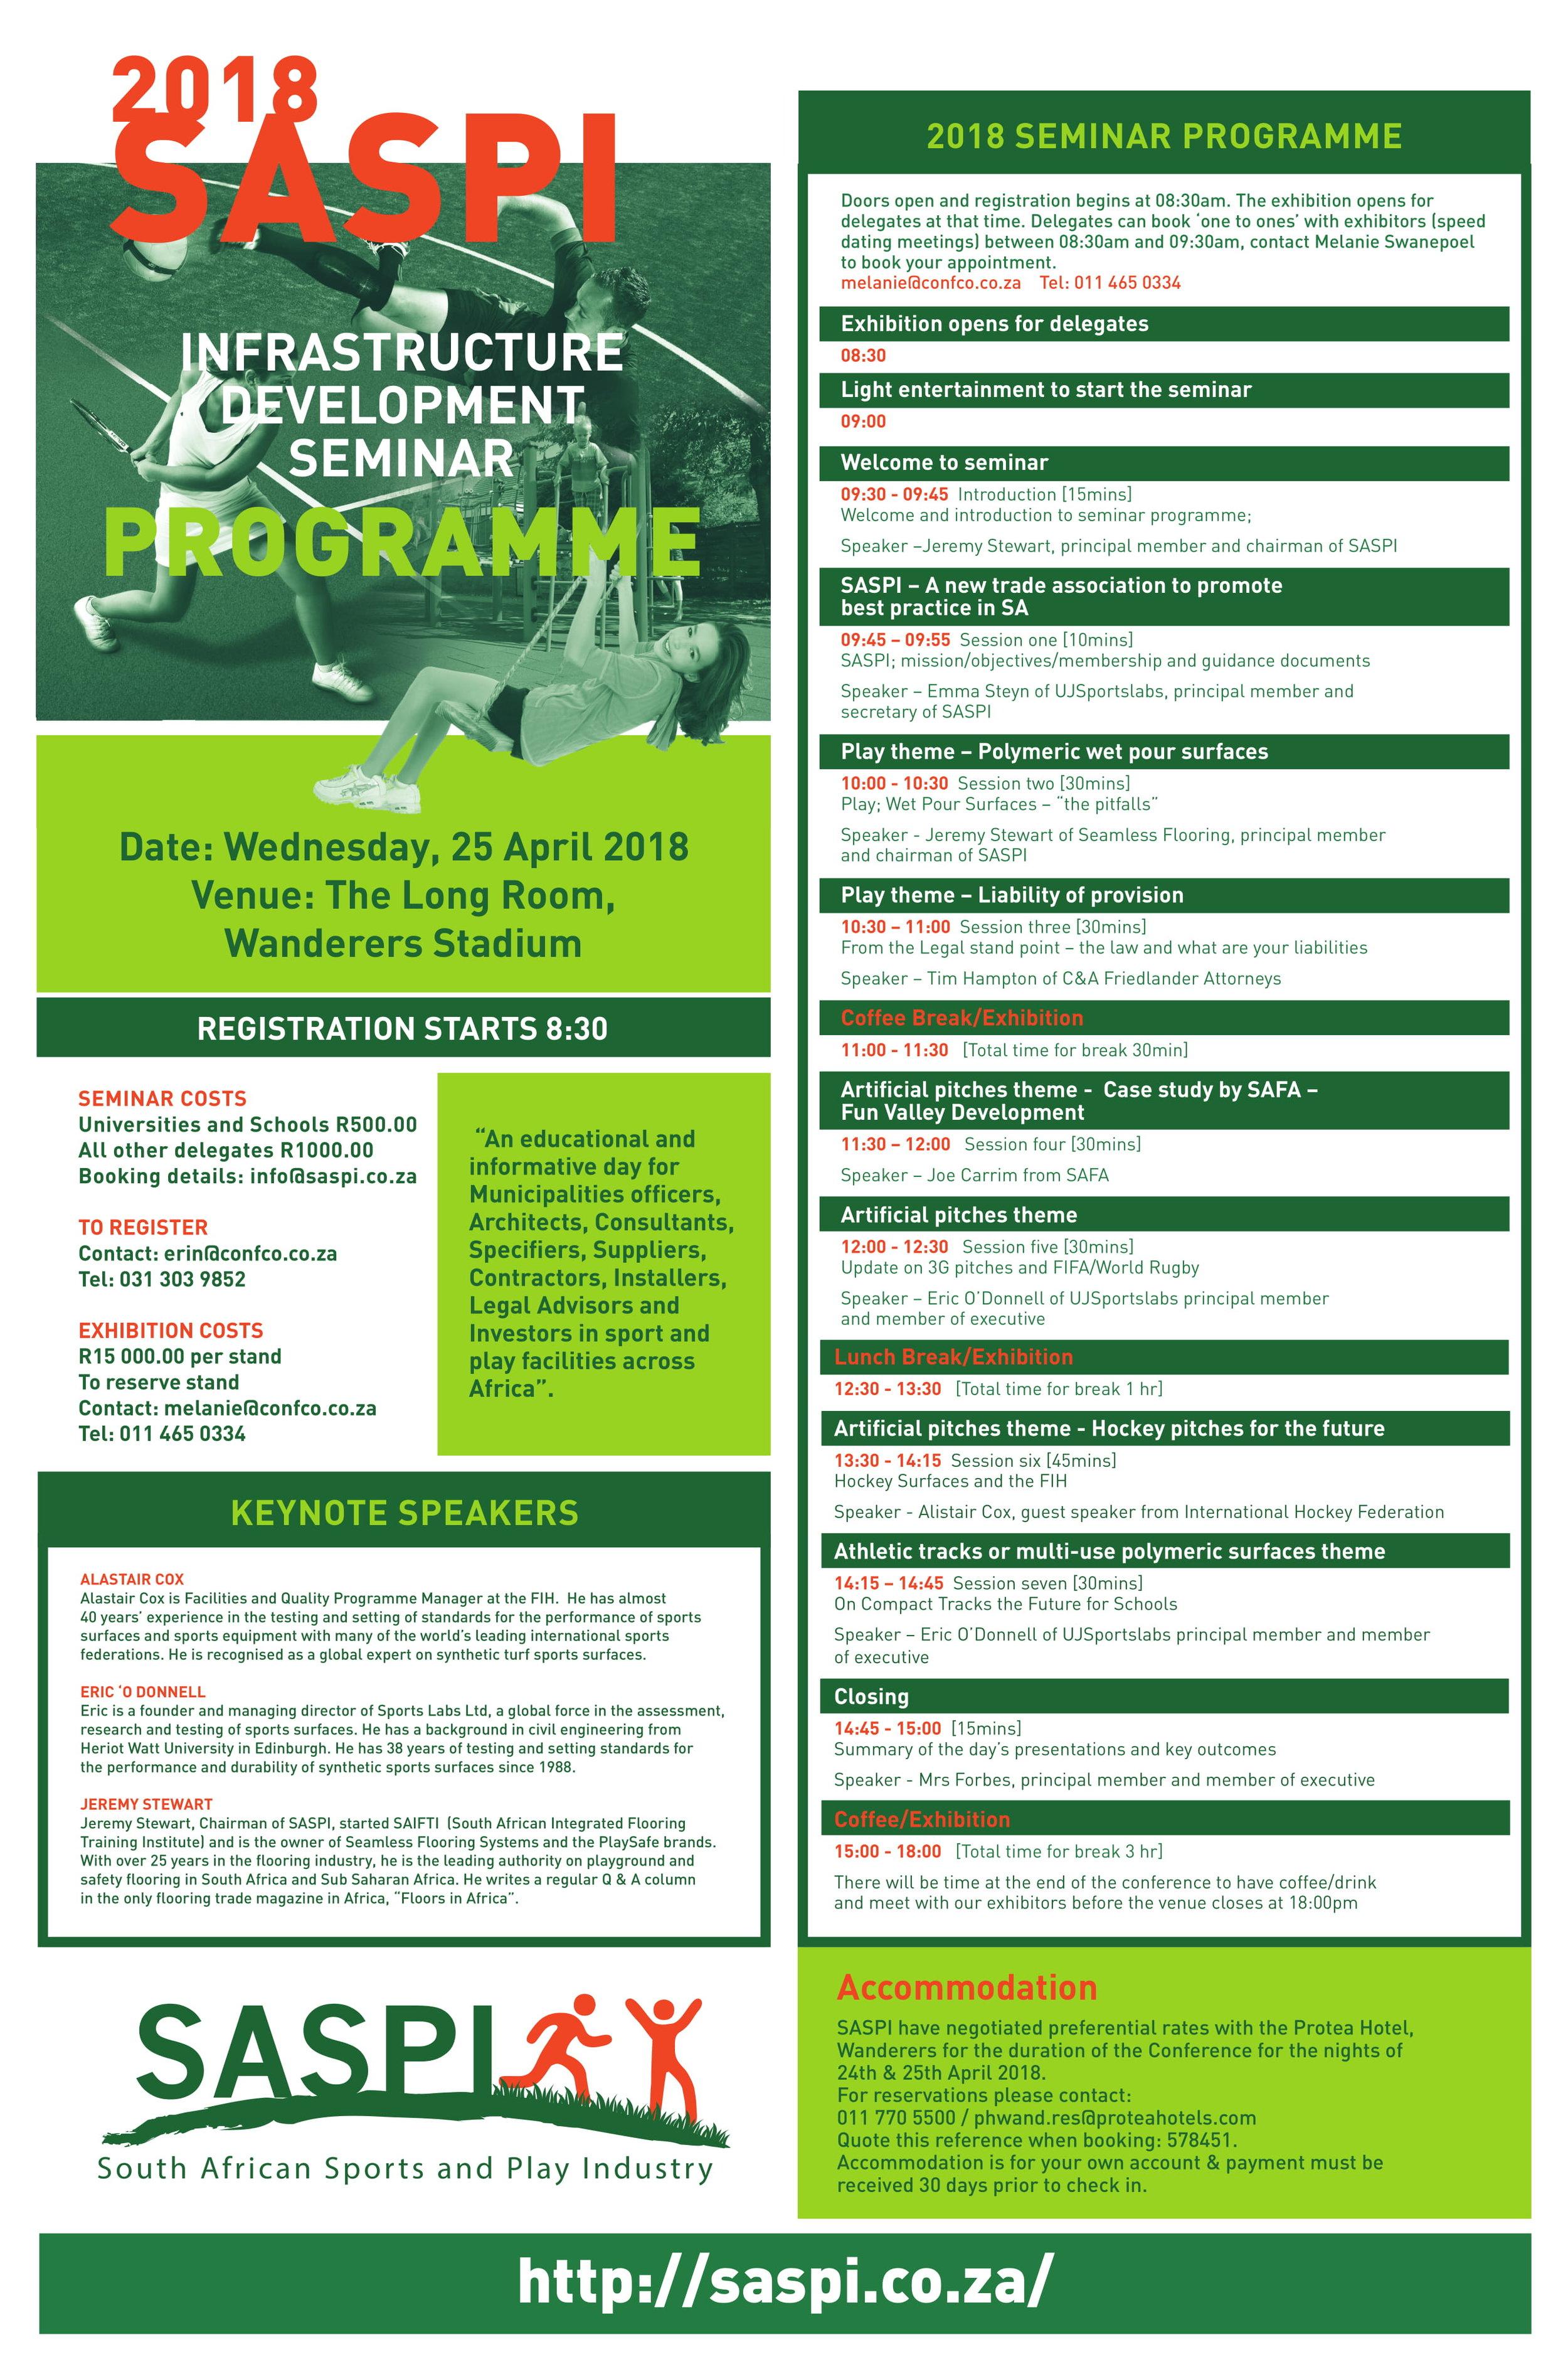 SASPI Conference Brochure-1.jpg